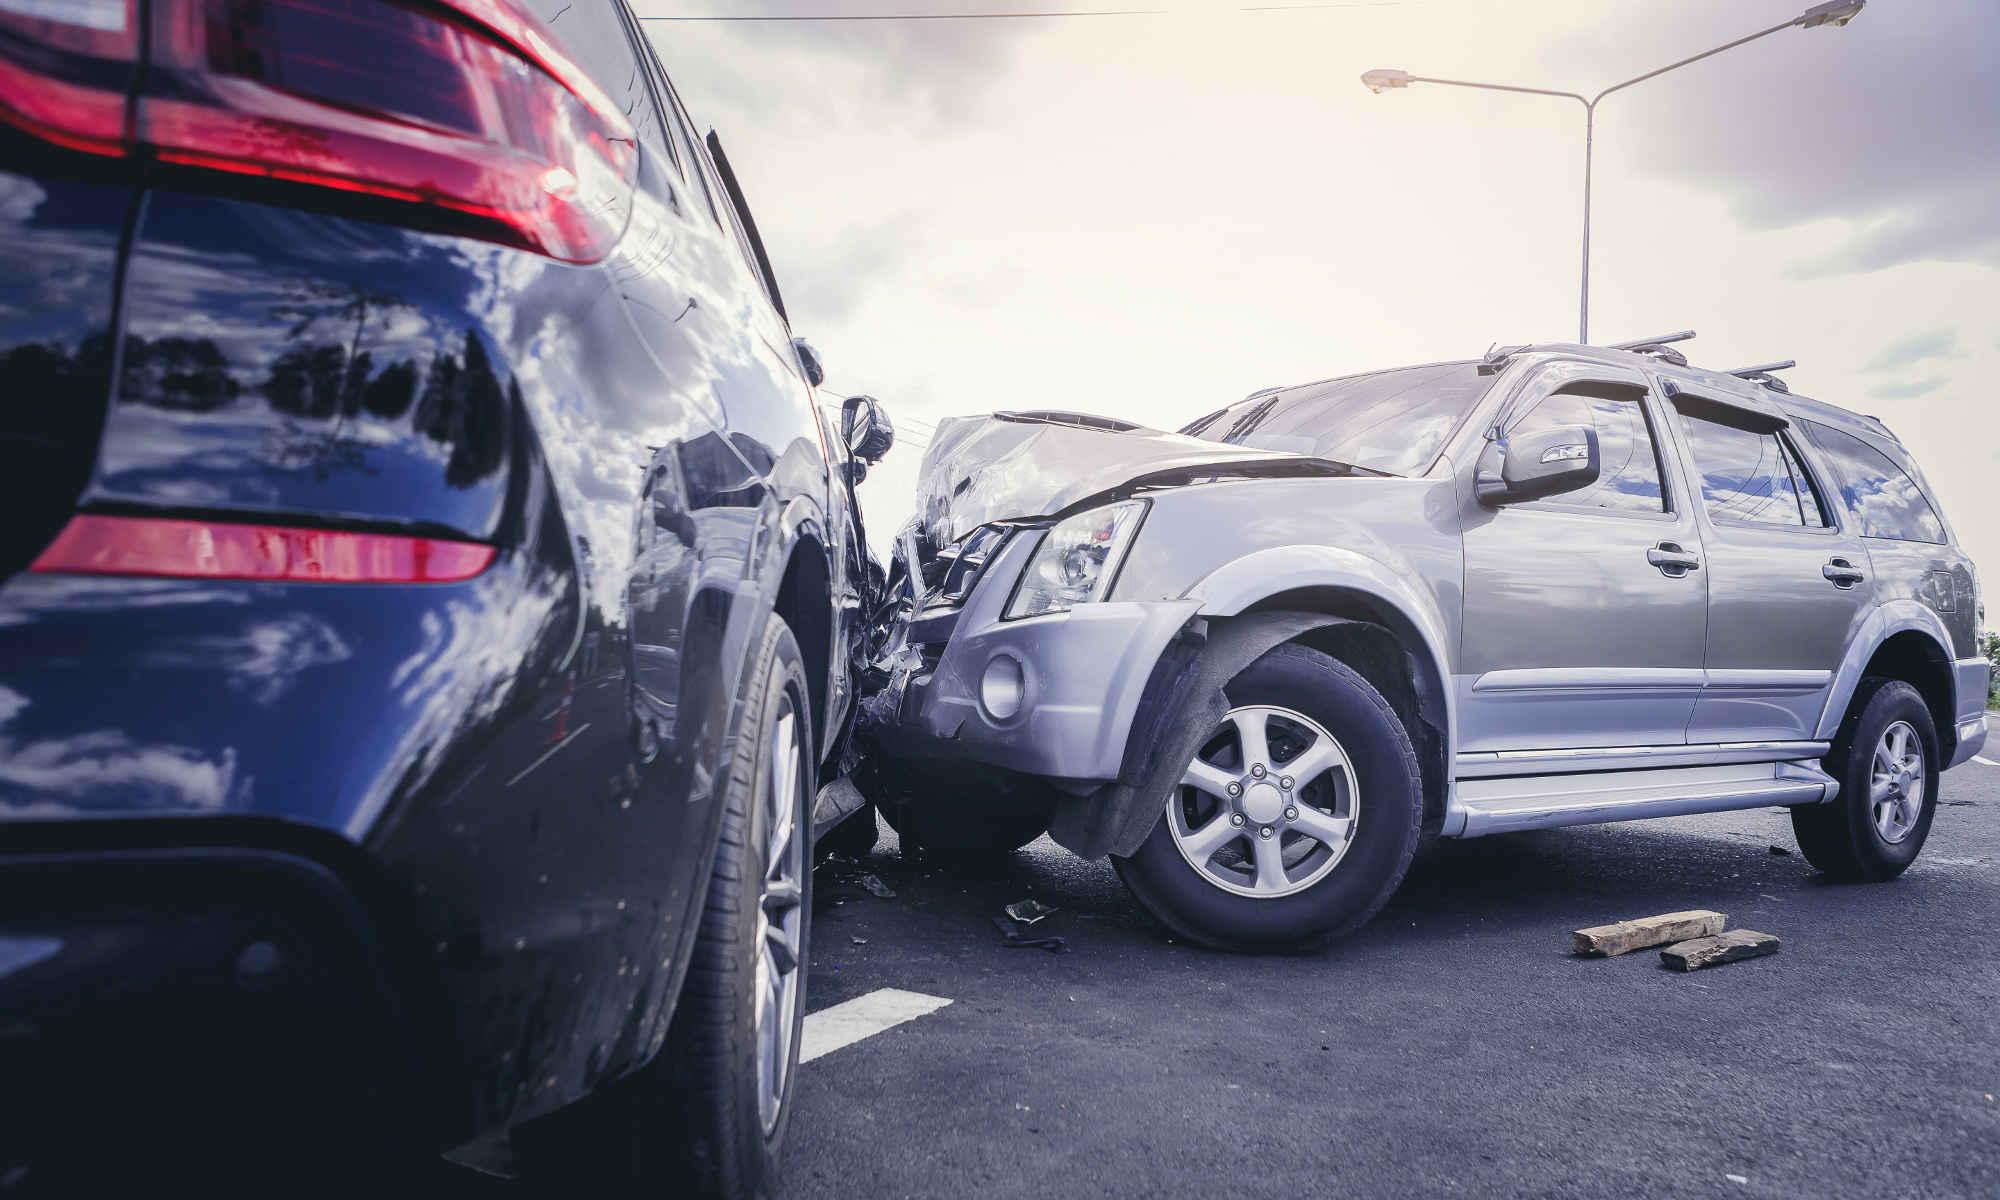 Verkehrsunfall mit Totalschaden - bildlich für Unfallabwicklung mit Anwalt